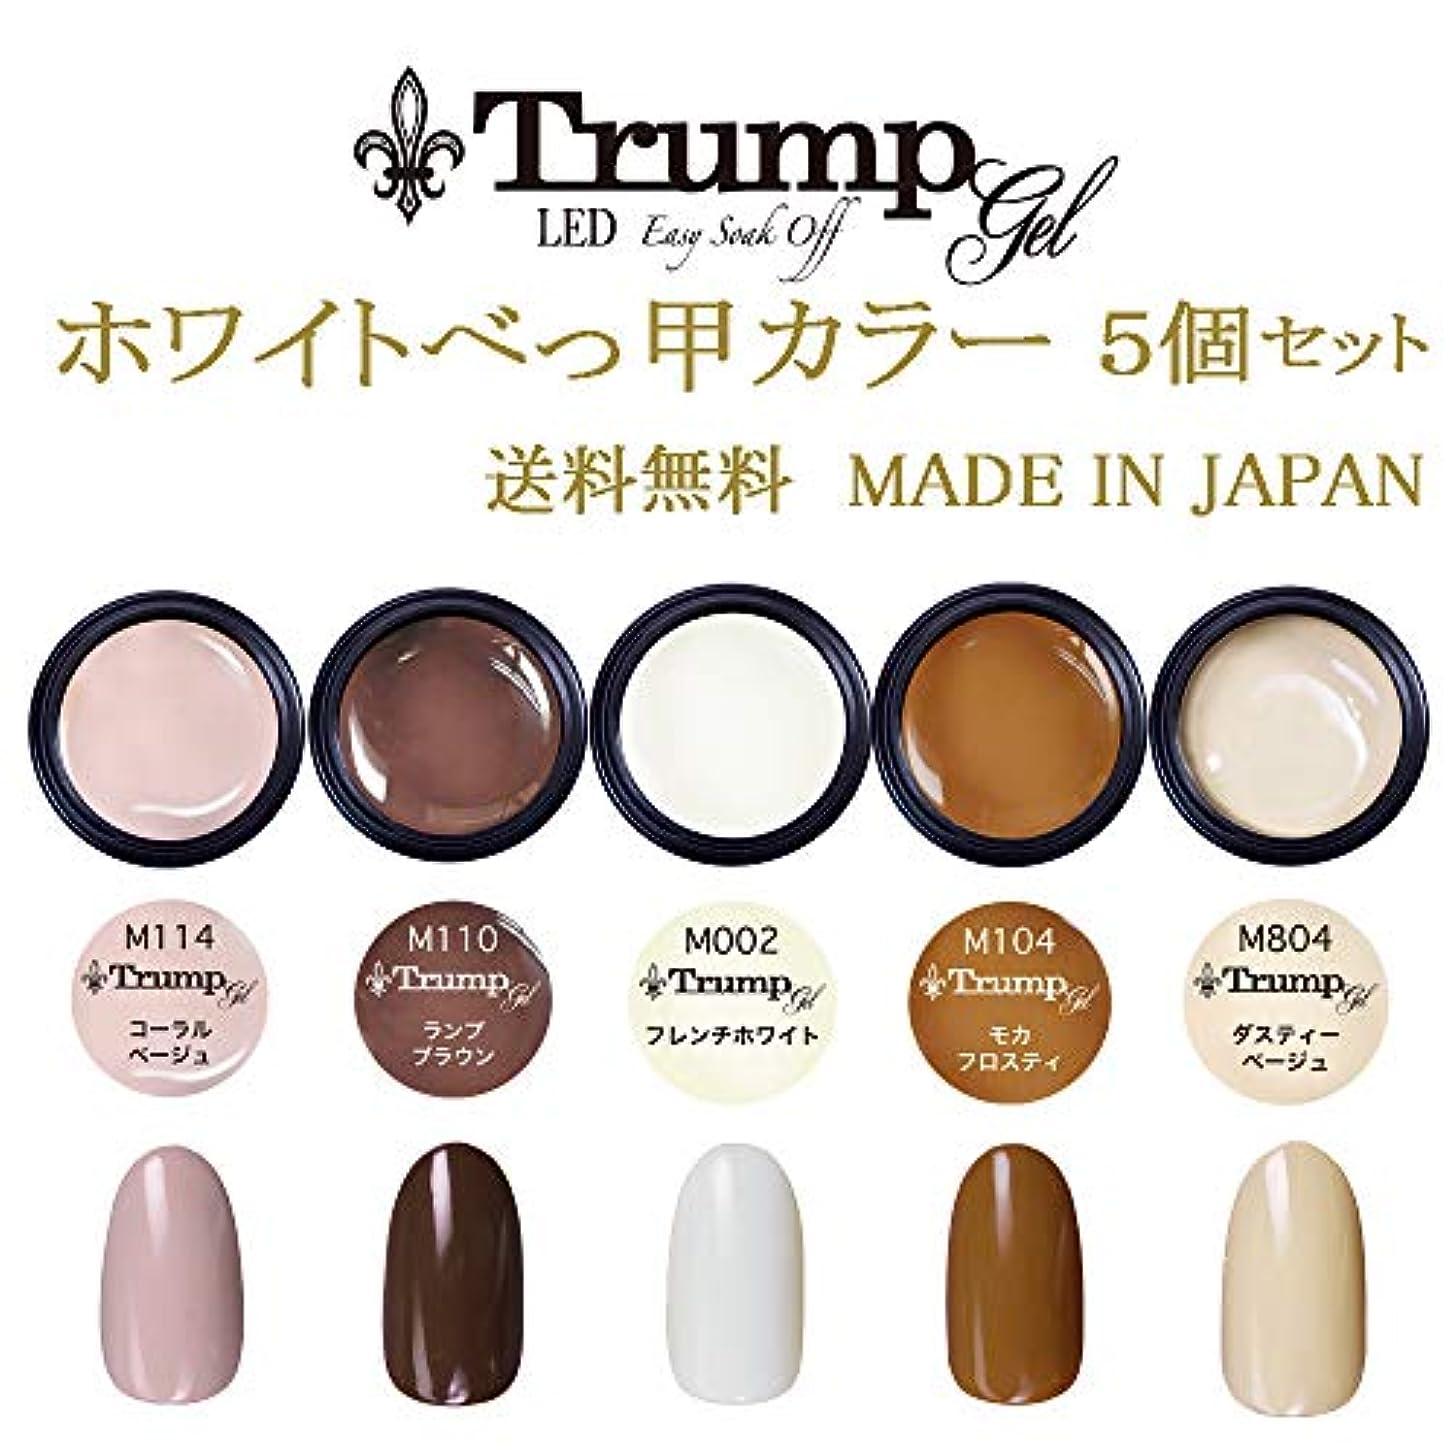 偏見要塞ロイヤリティ【送料無料】日本製 Trump gel トランプジェルホワイトべっ甲カラージェル 5個セット スタイリッシュでオシャレな 白べっ甲カラージェルセット